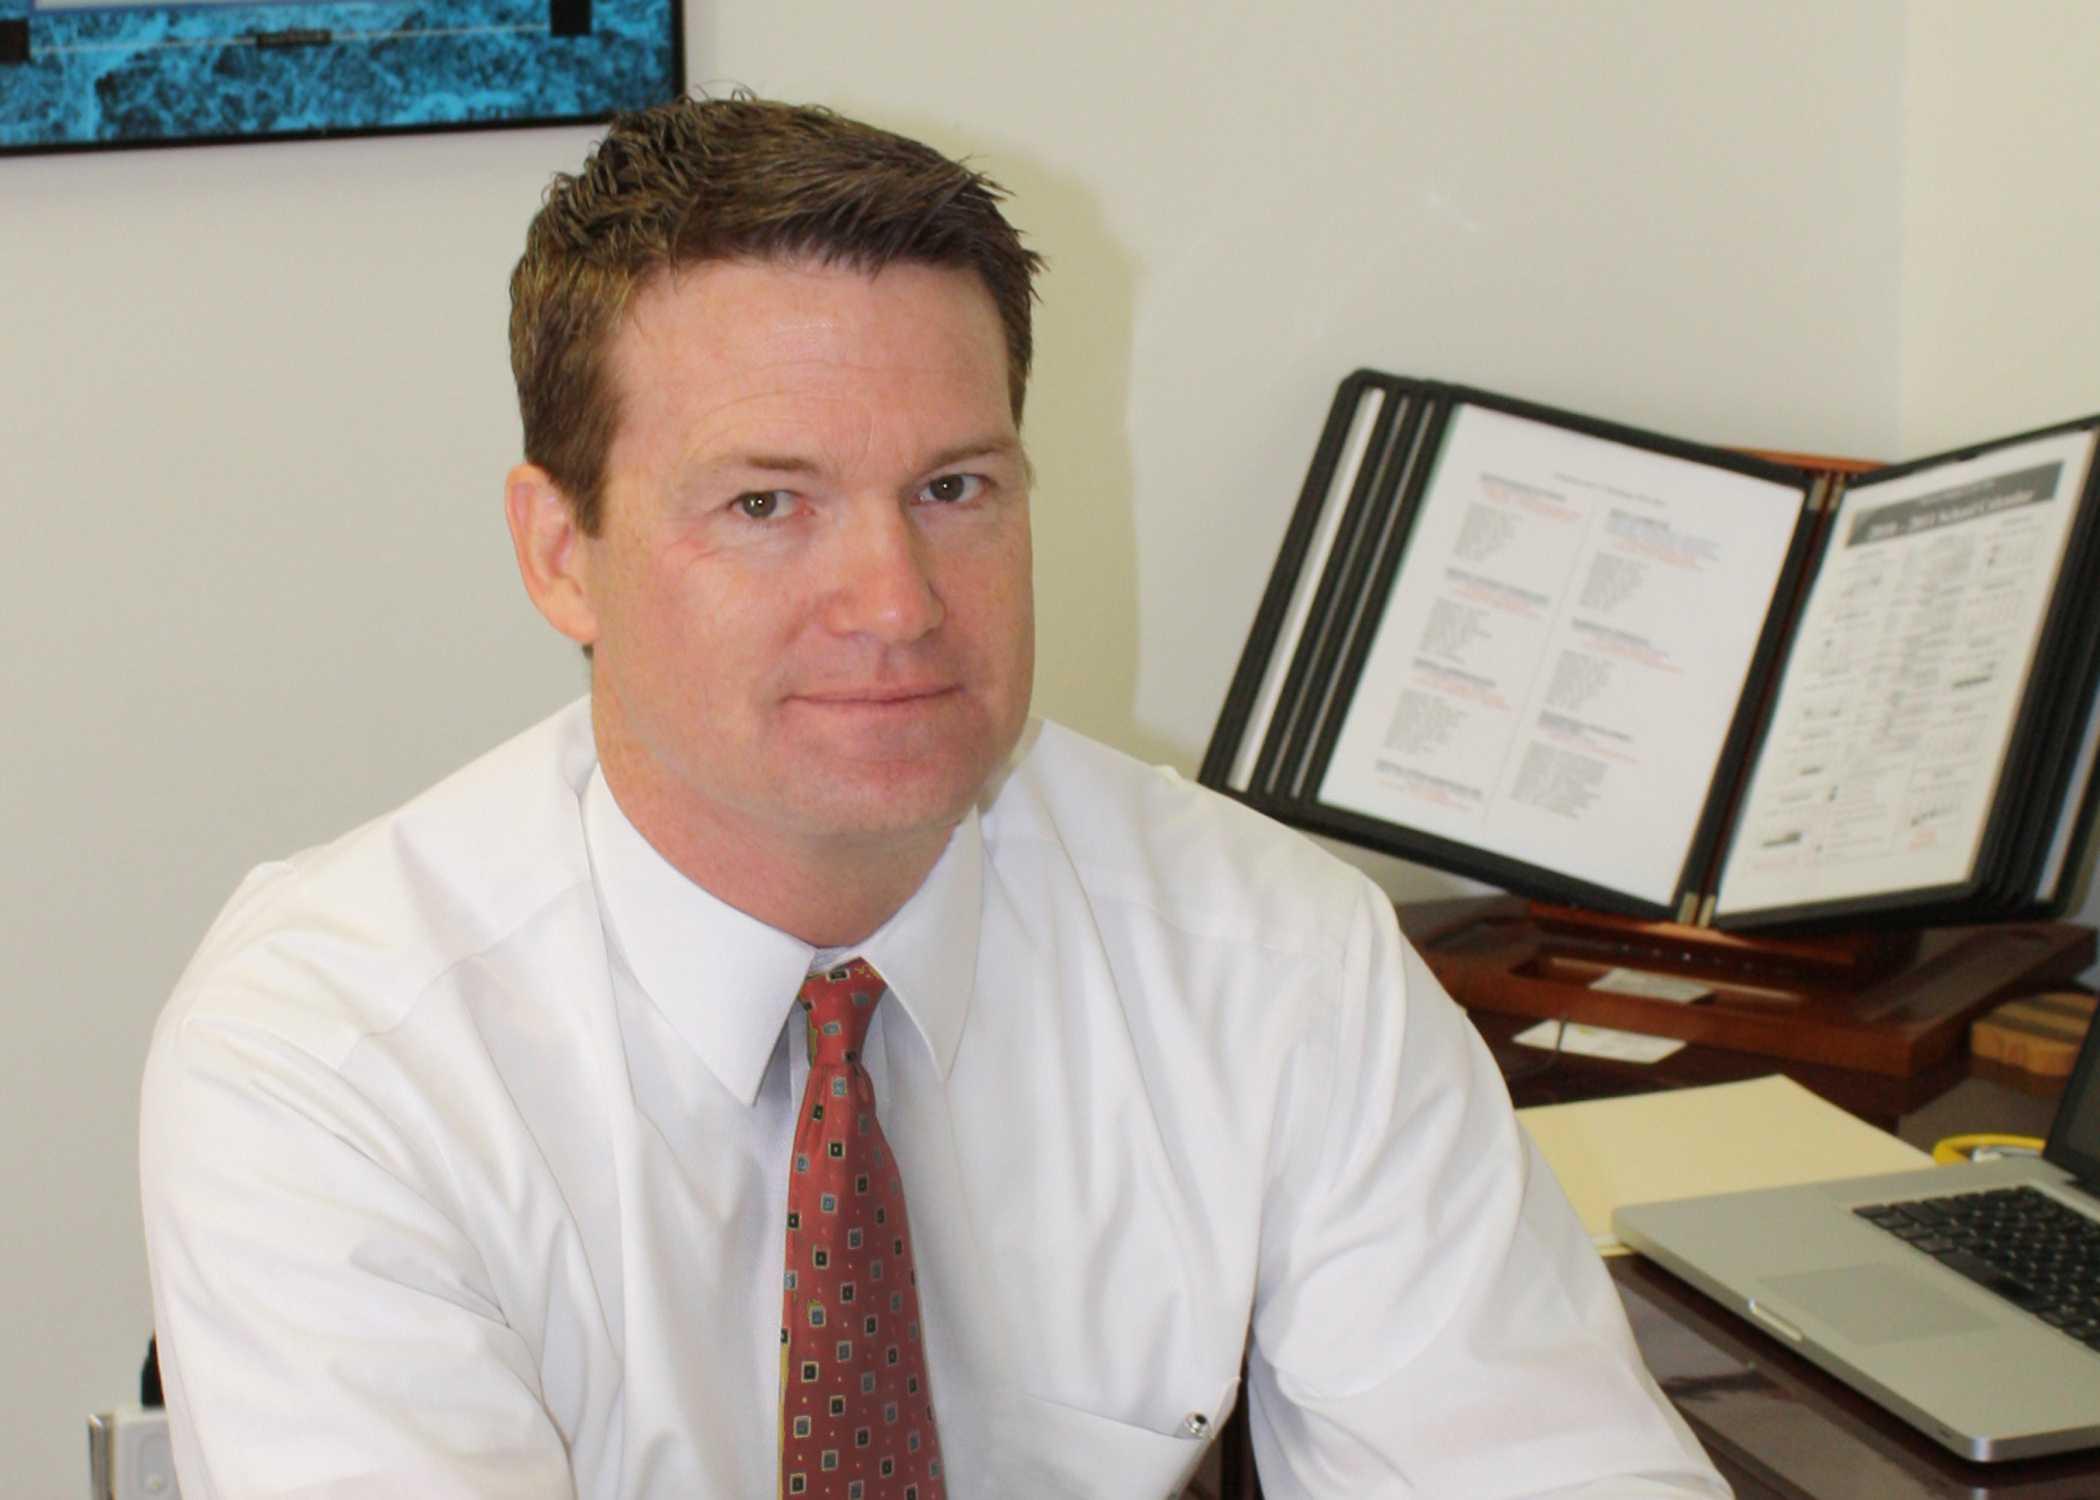 Superintendent Dr. Martin Stessman